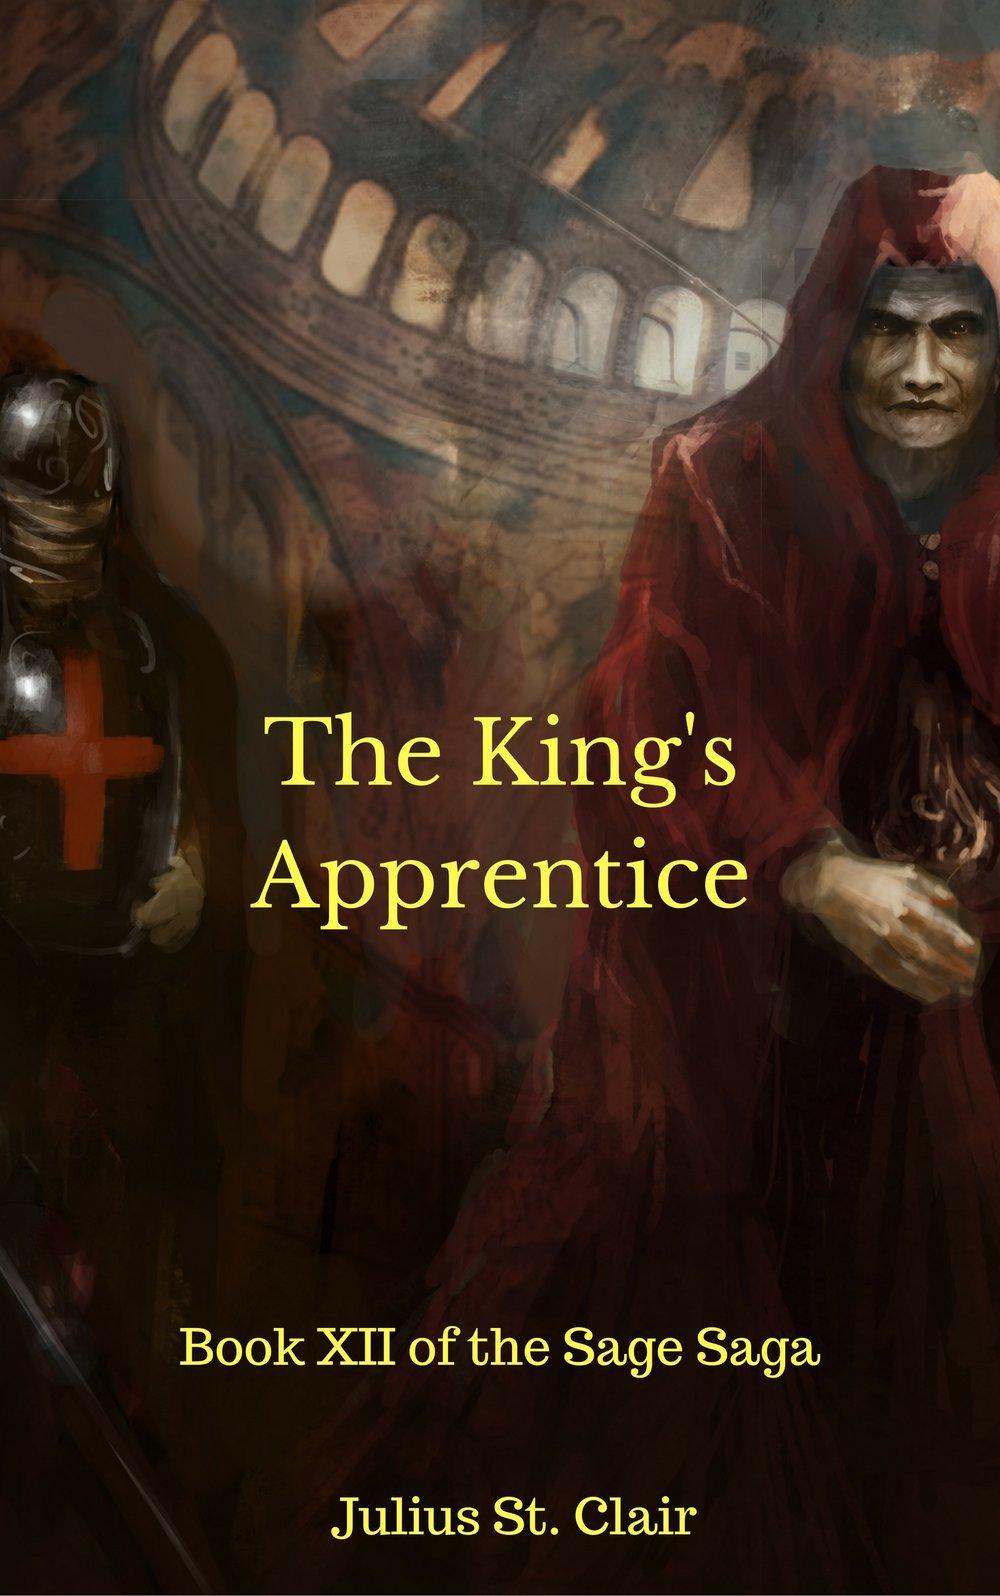 The King's Apprentice.jpg